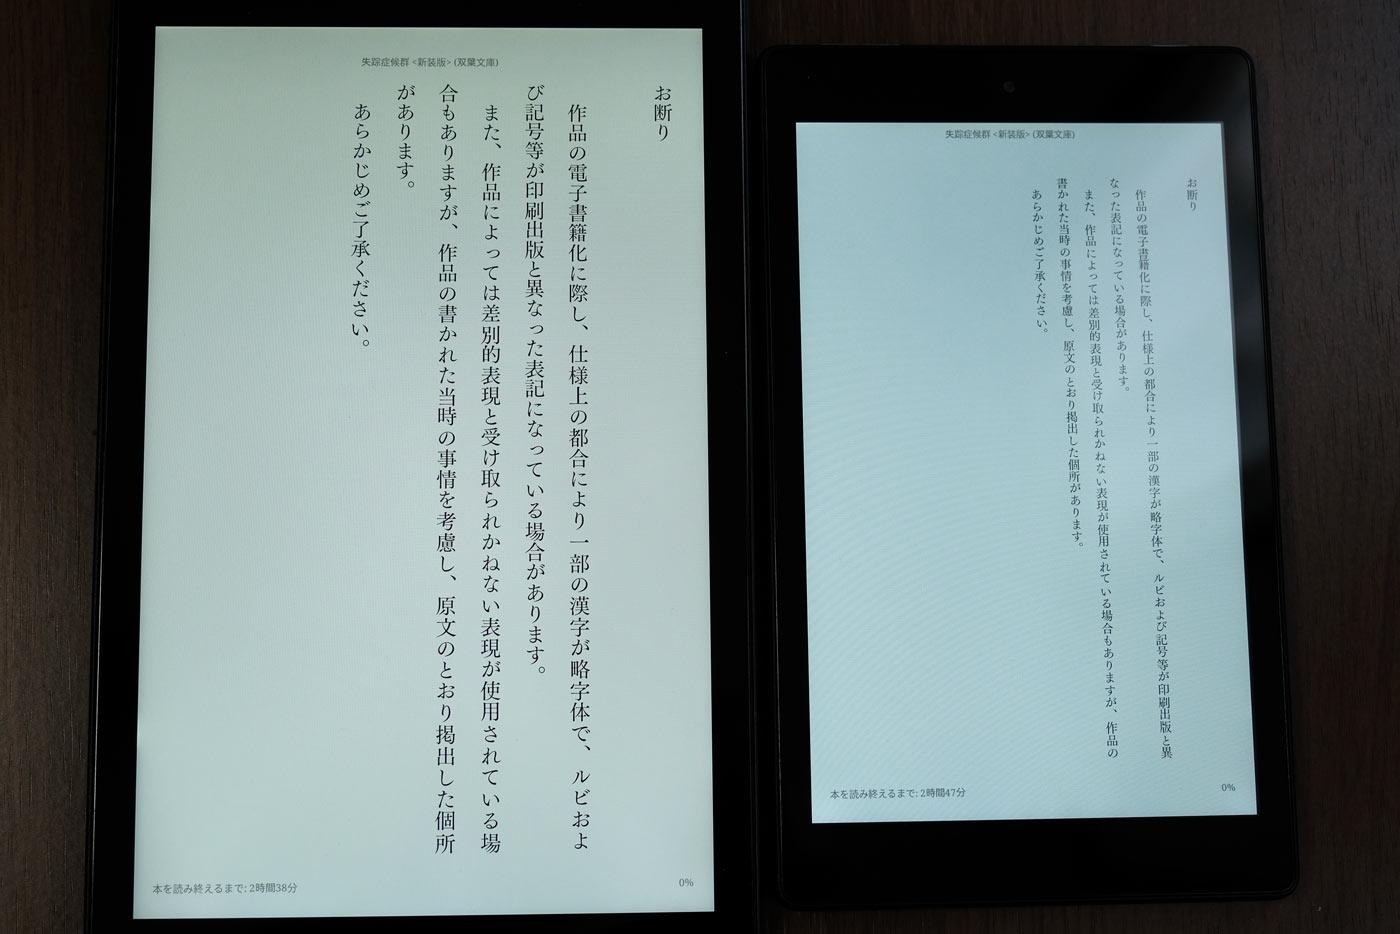 Fire HD 10 vs Fire HD 8 Kindle画面